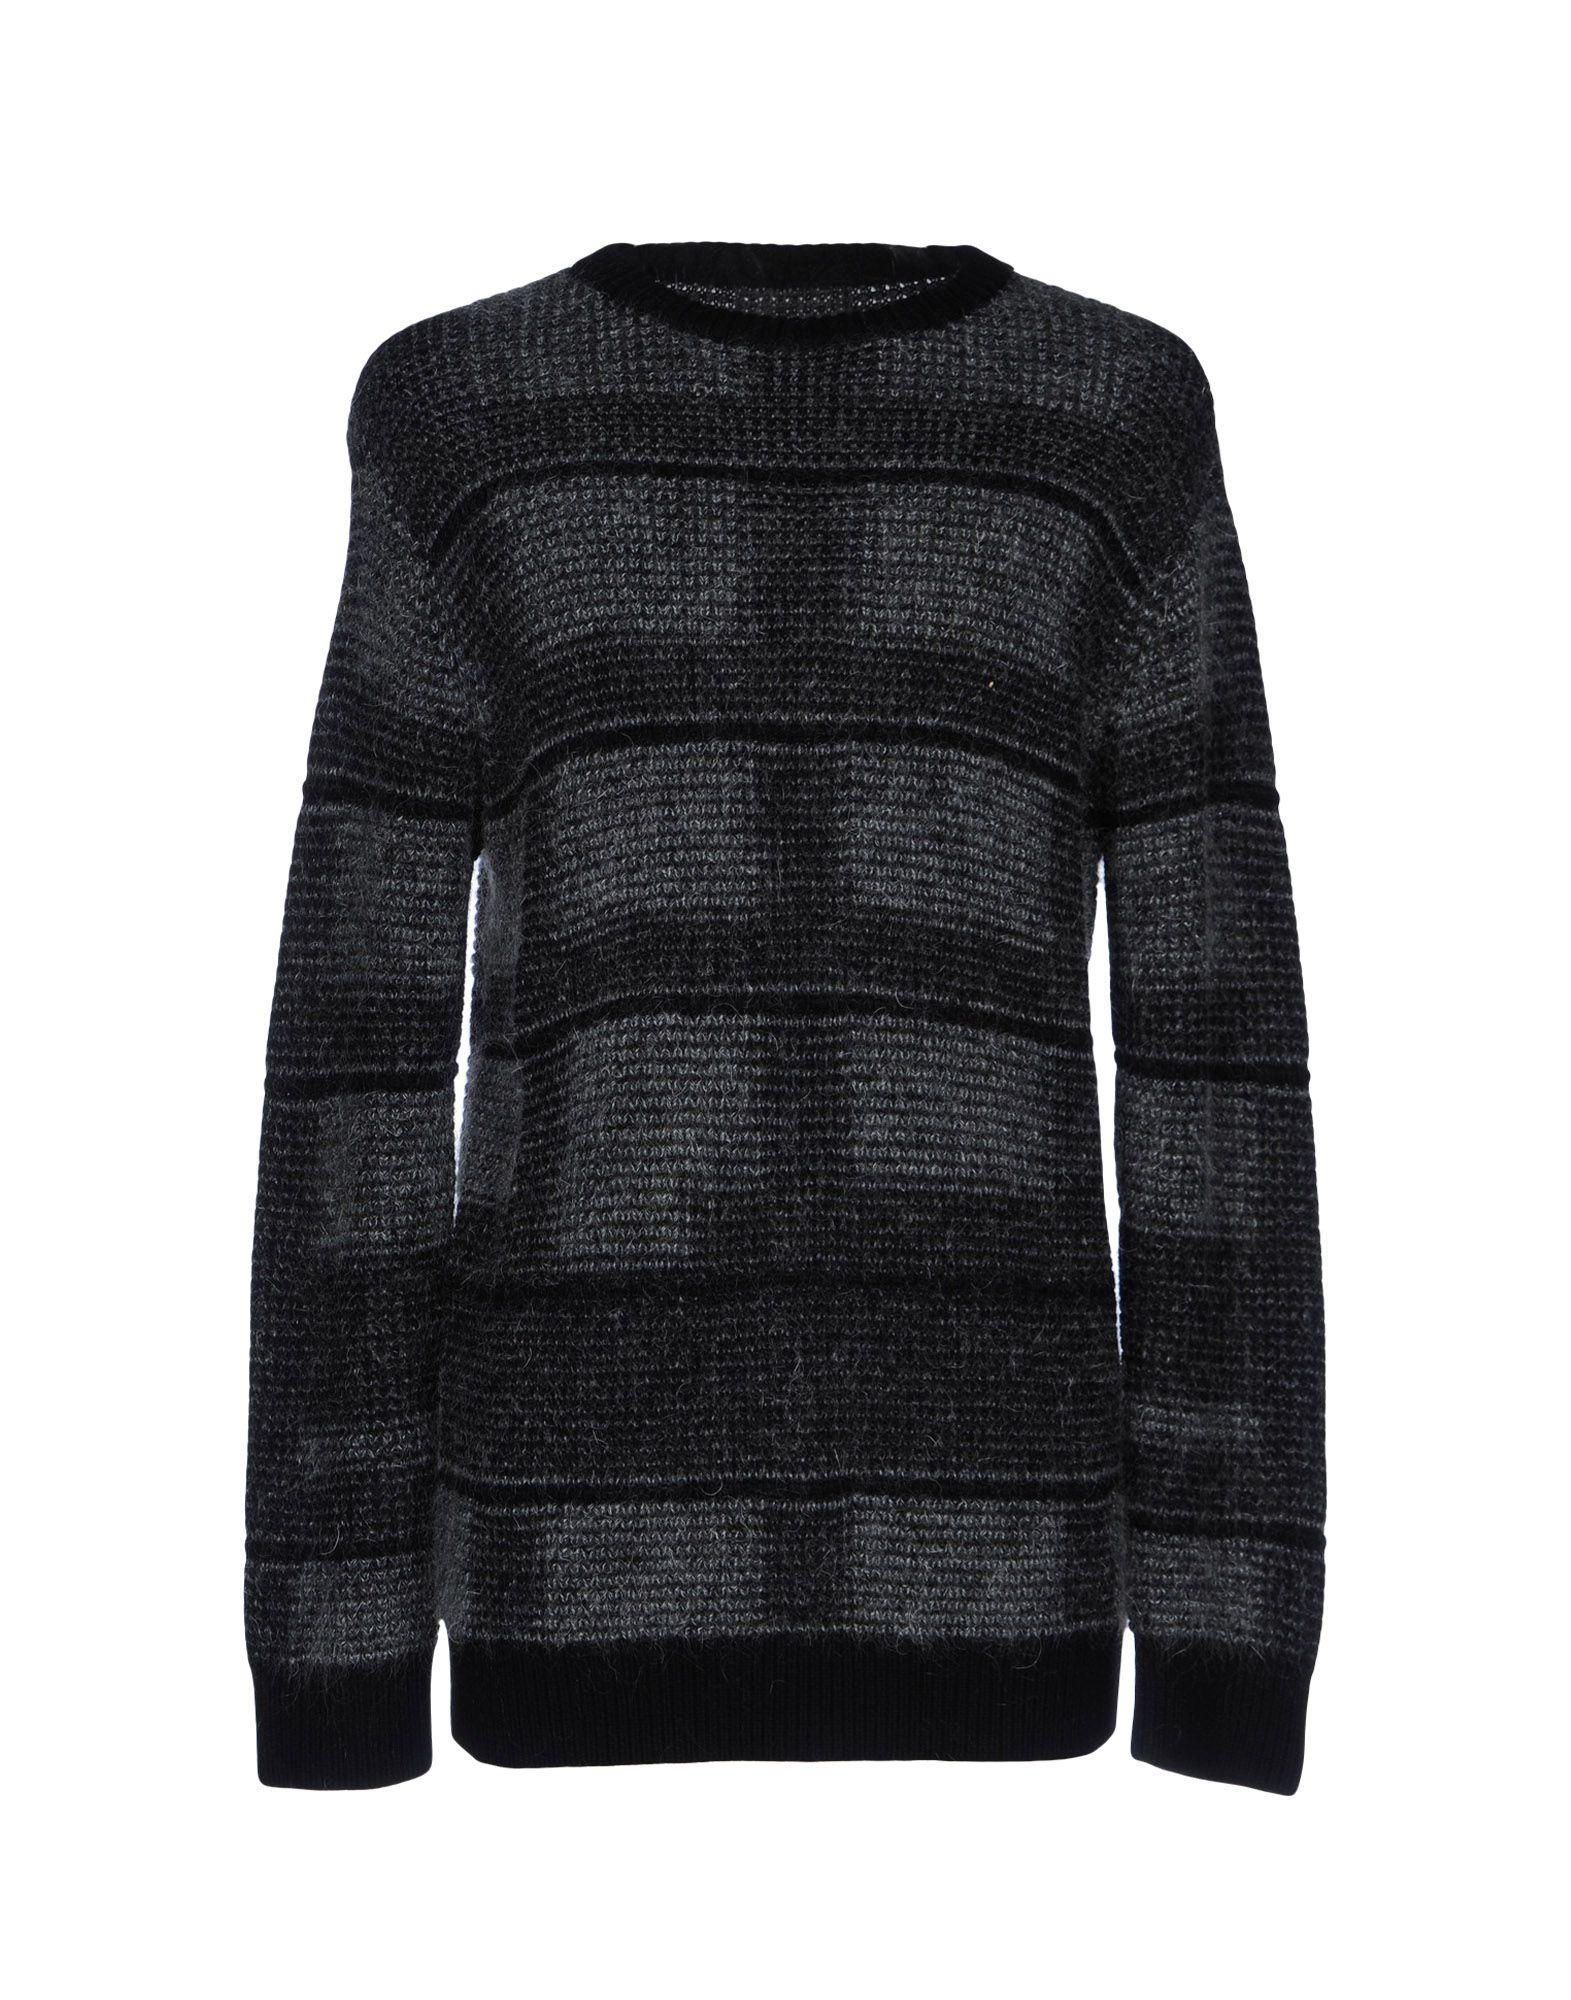 PUBLIC SCHOOL Sweaters